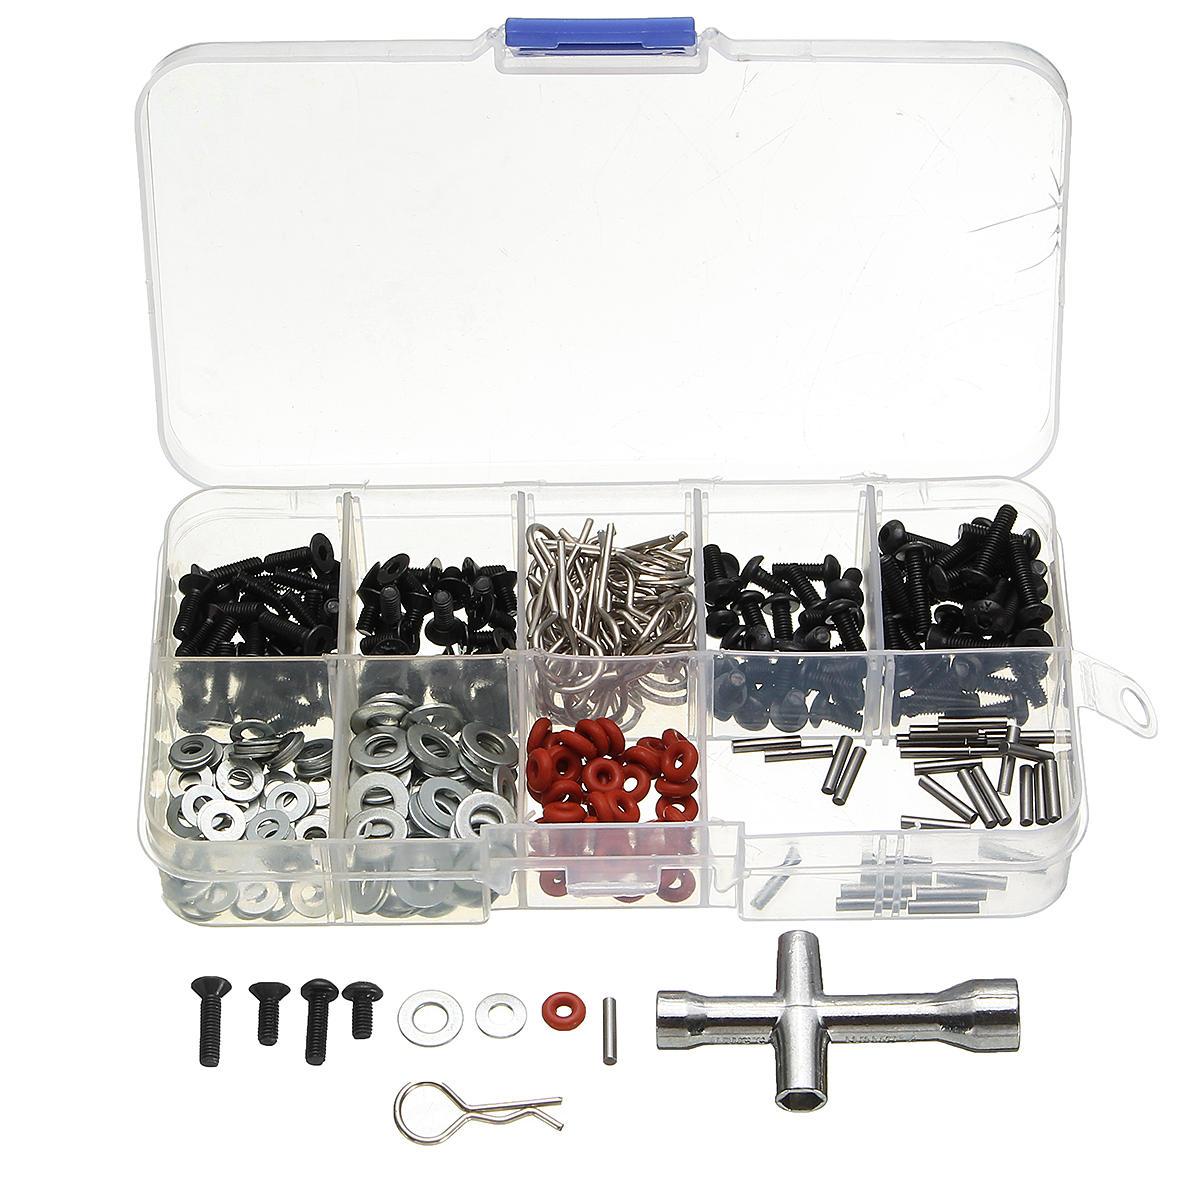 270pcs Vidalar Kutu Altıgen Somun Anahtarı Onarım Parçalar Kit için 1/10 HSP RC Araba DIY